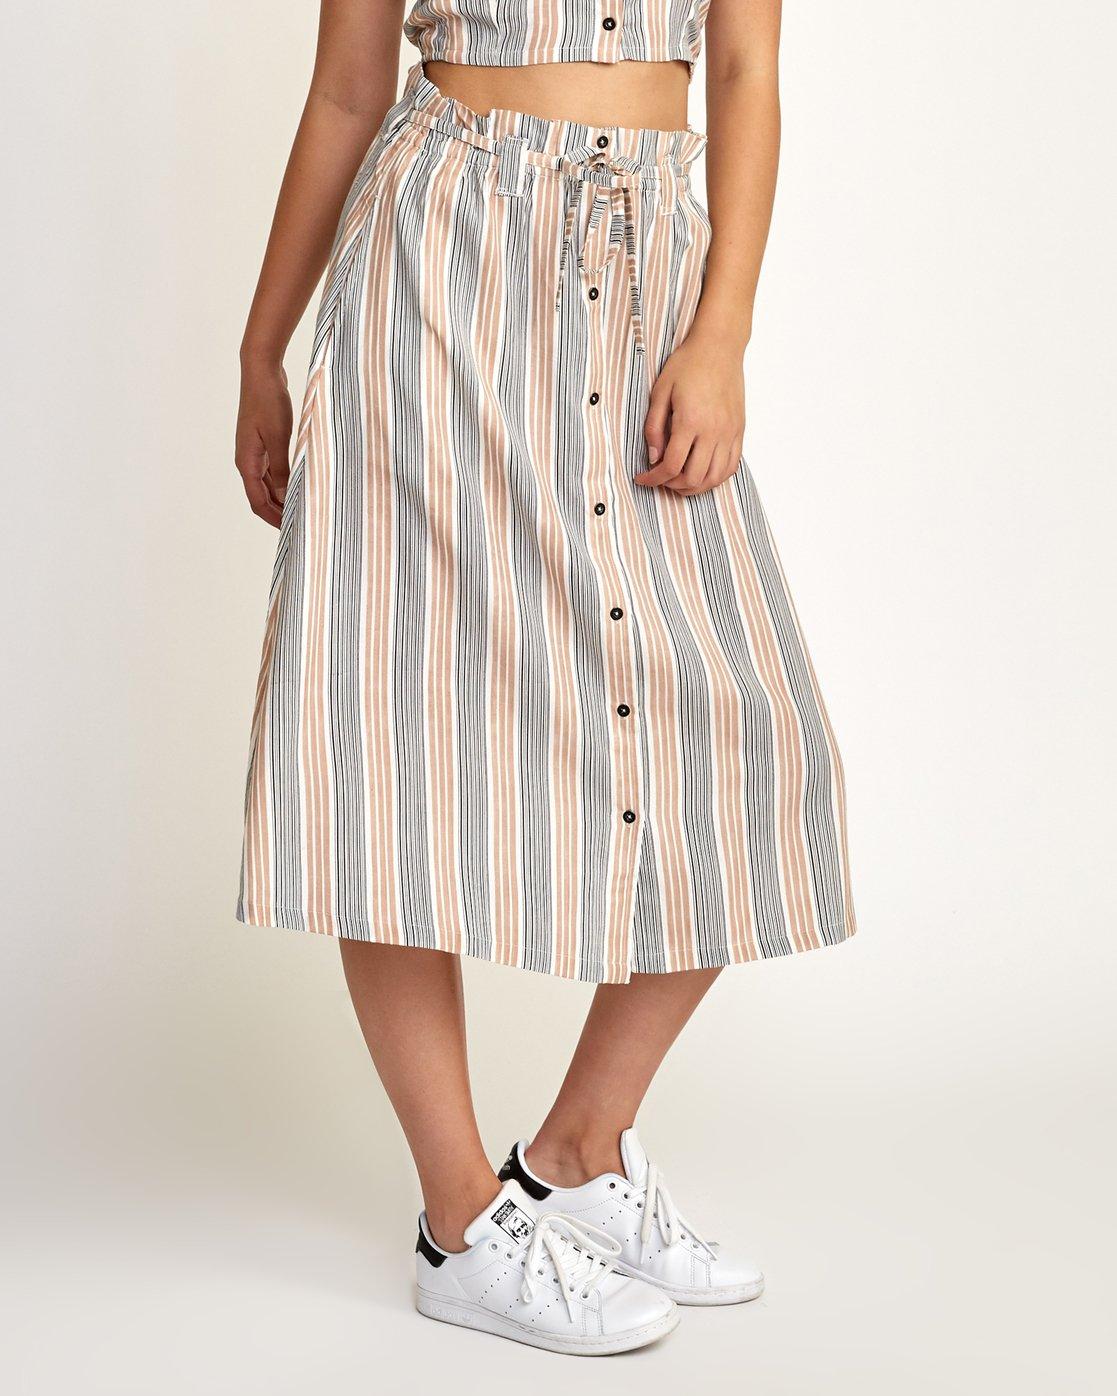 0 Oslo Skirt Beige N3SKRCRVP9 RVCA